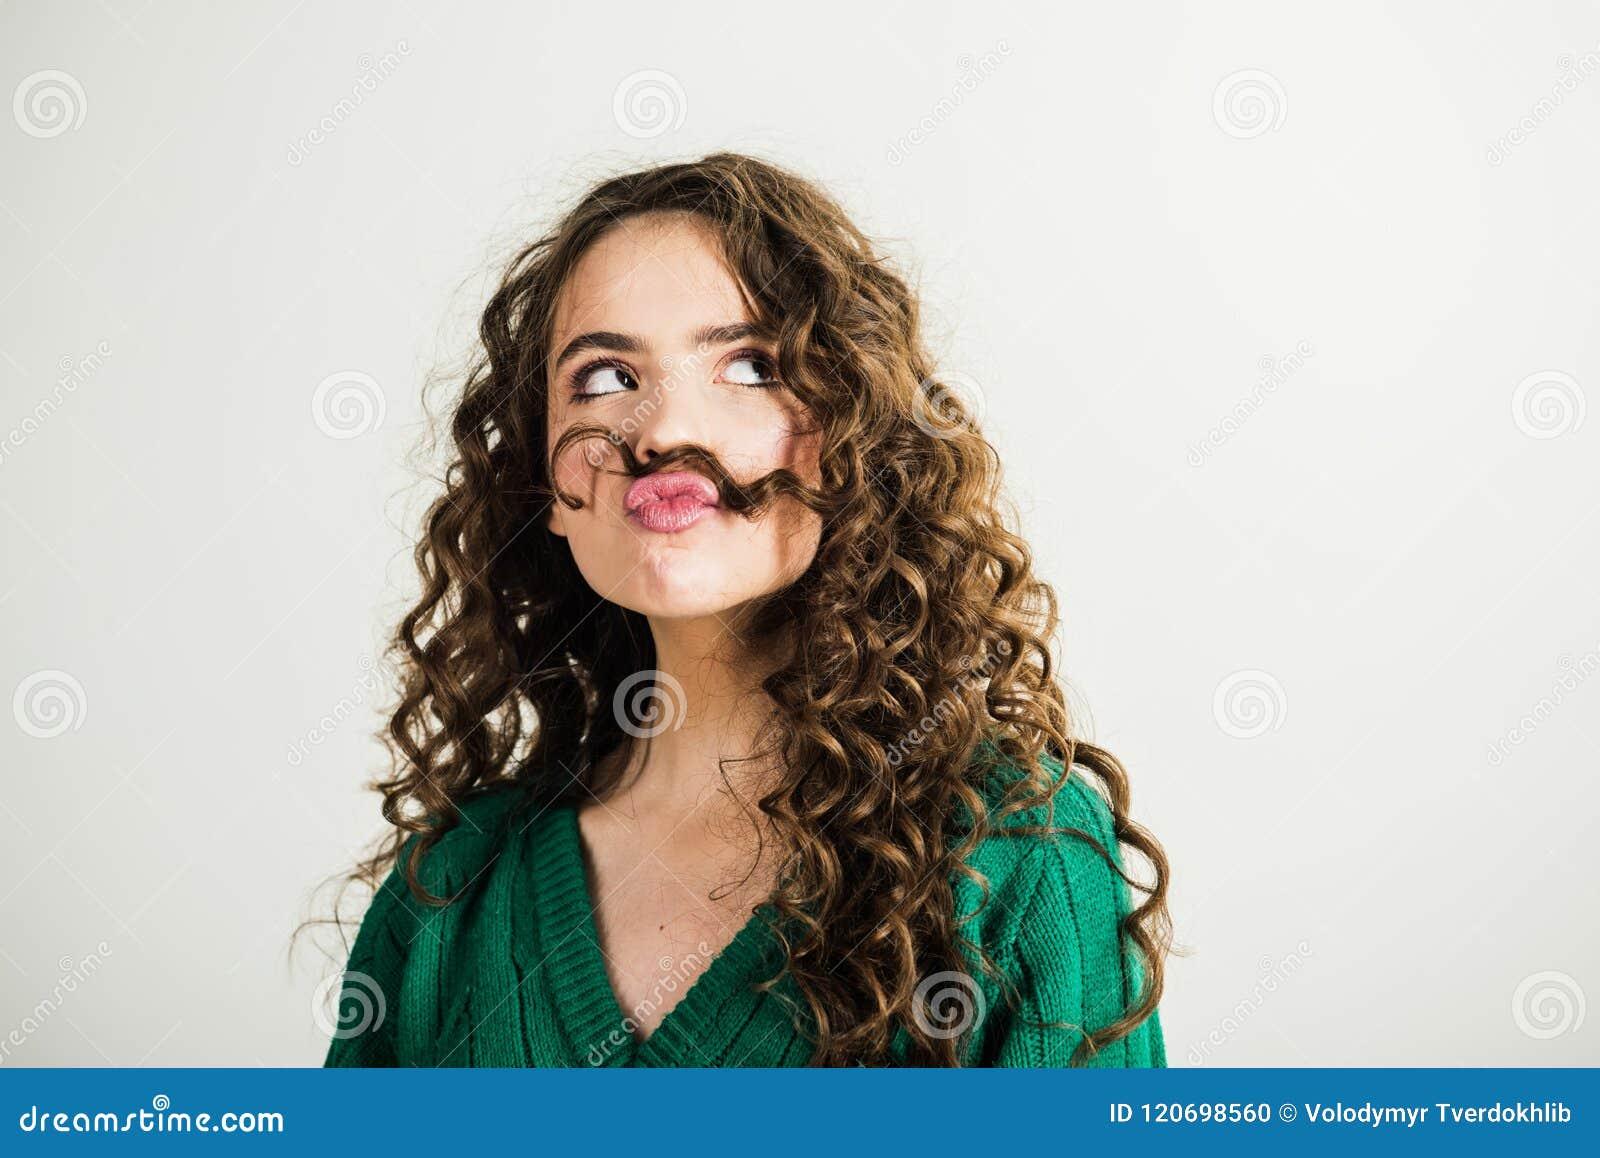 Muchacha Morena Con El Pelo Rizado Largo Y Brillante Mujer Modelo